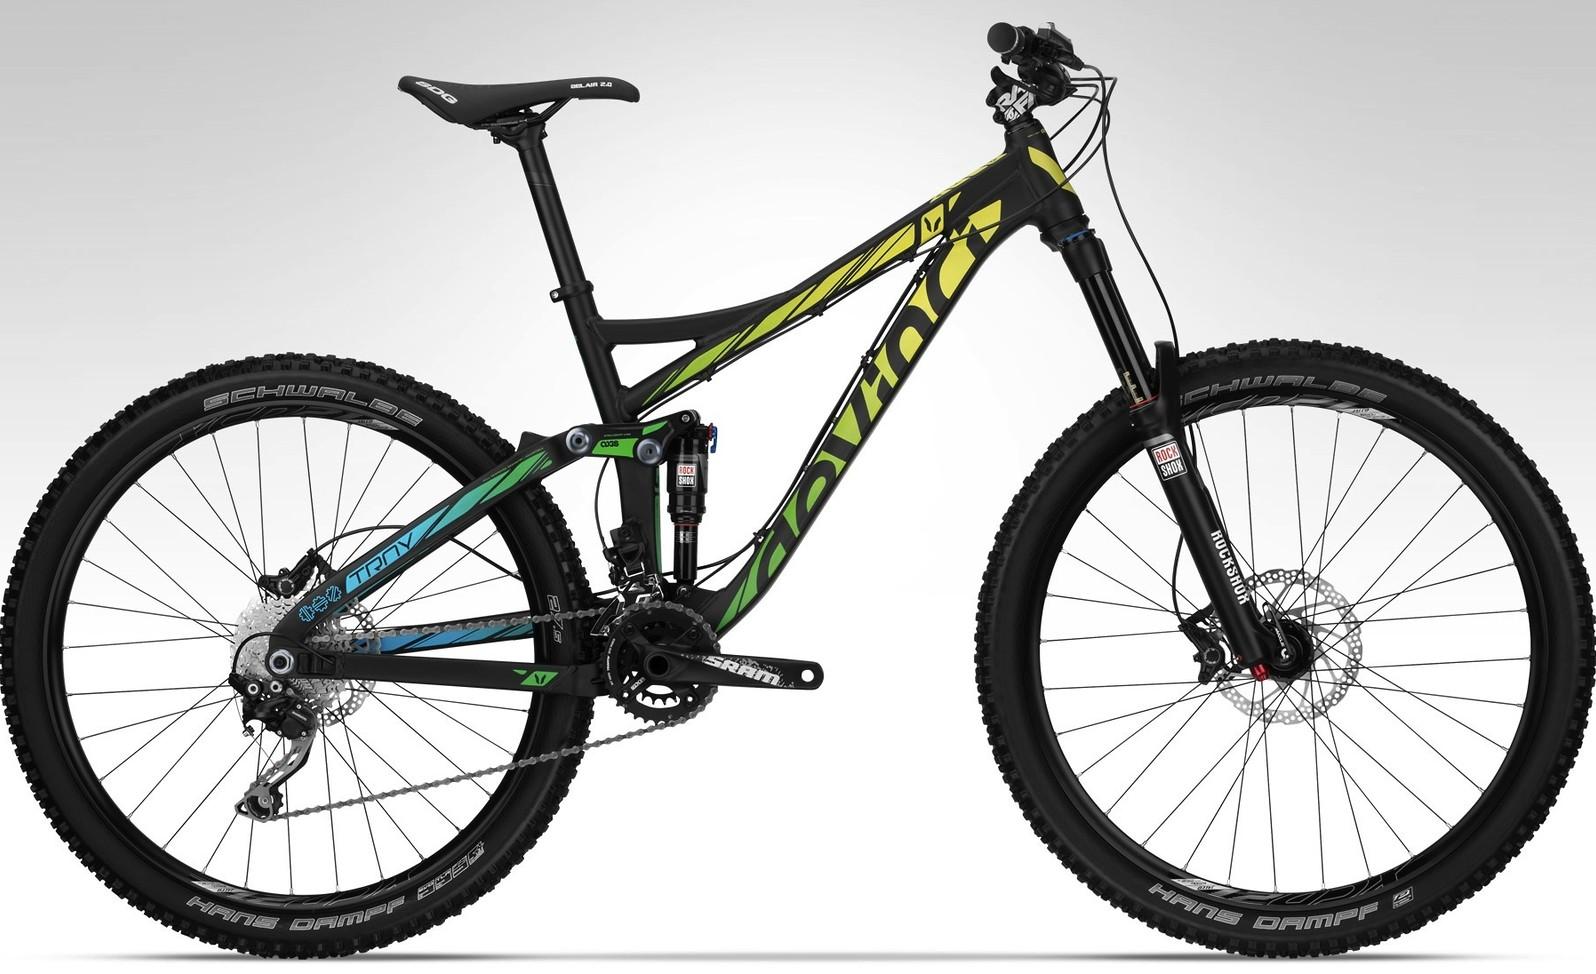 Devinci TROY XP bike